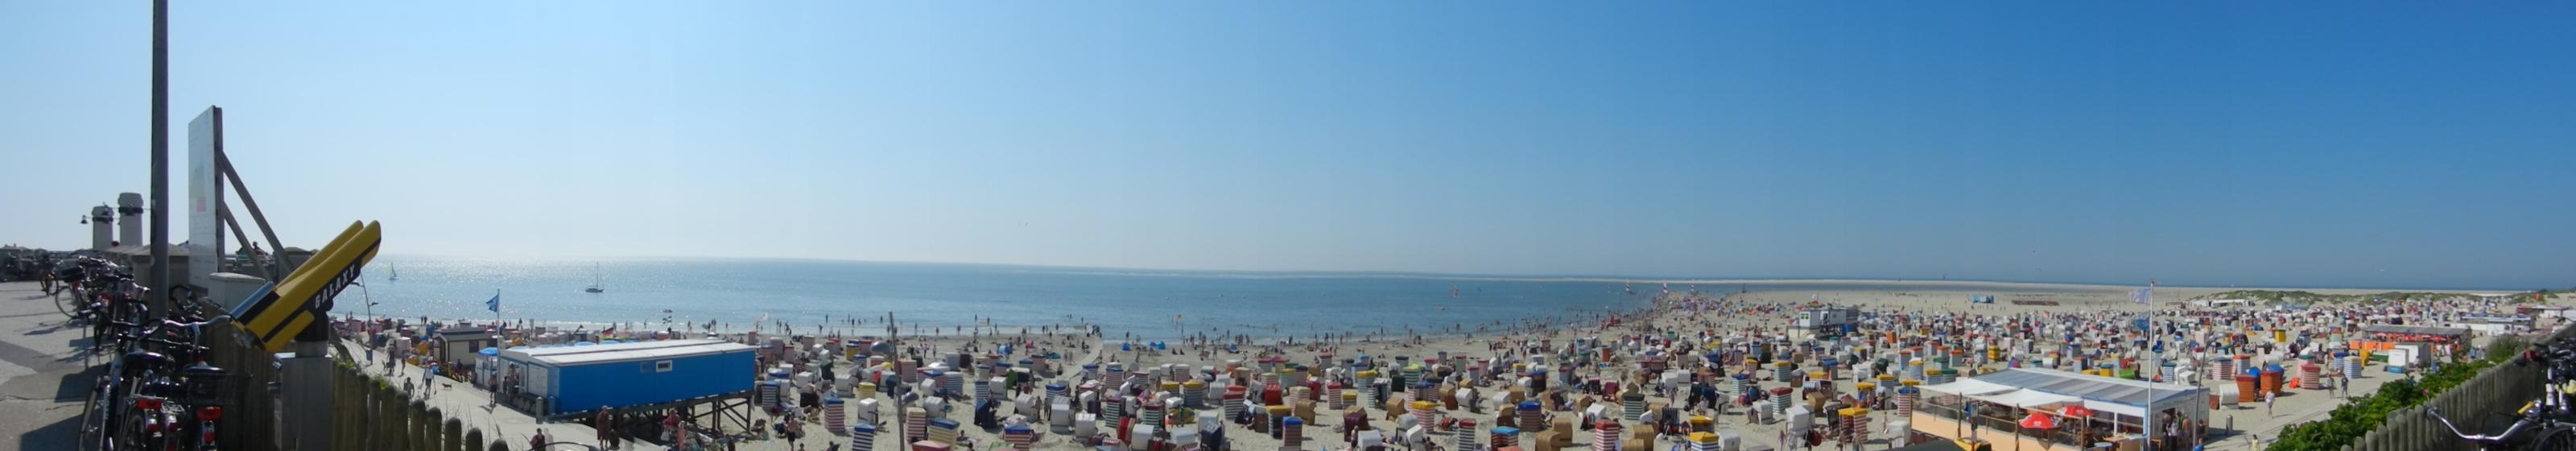 Borkum Panorama 2 Sommer 2012